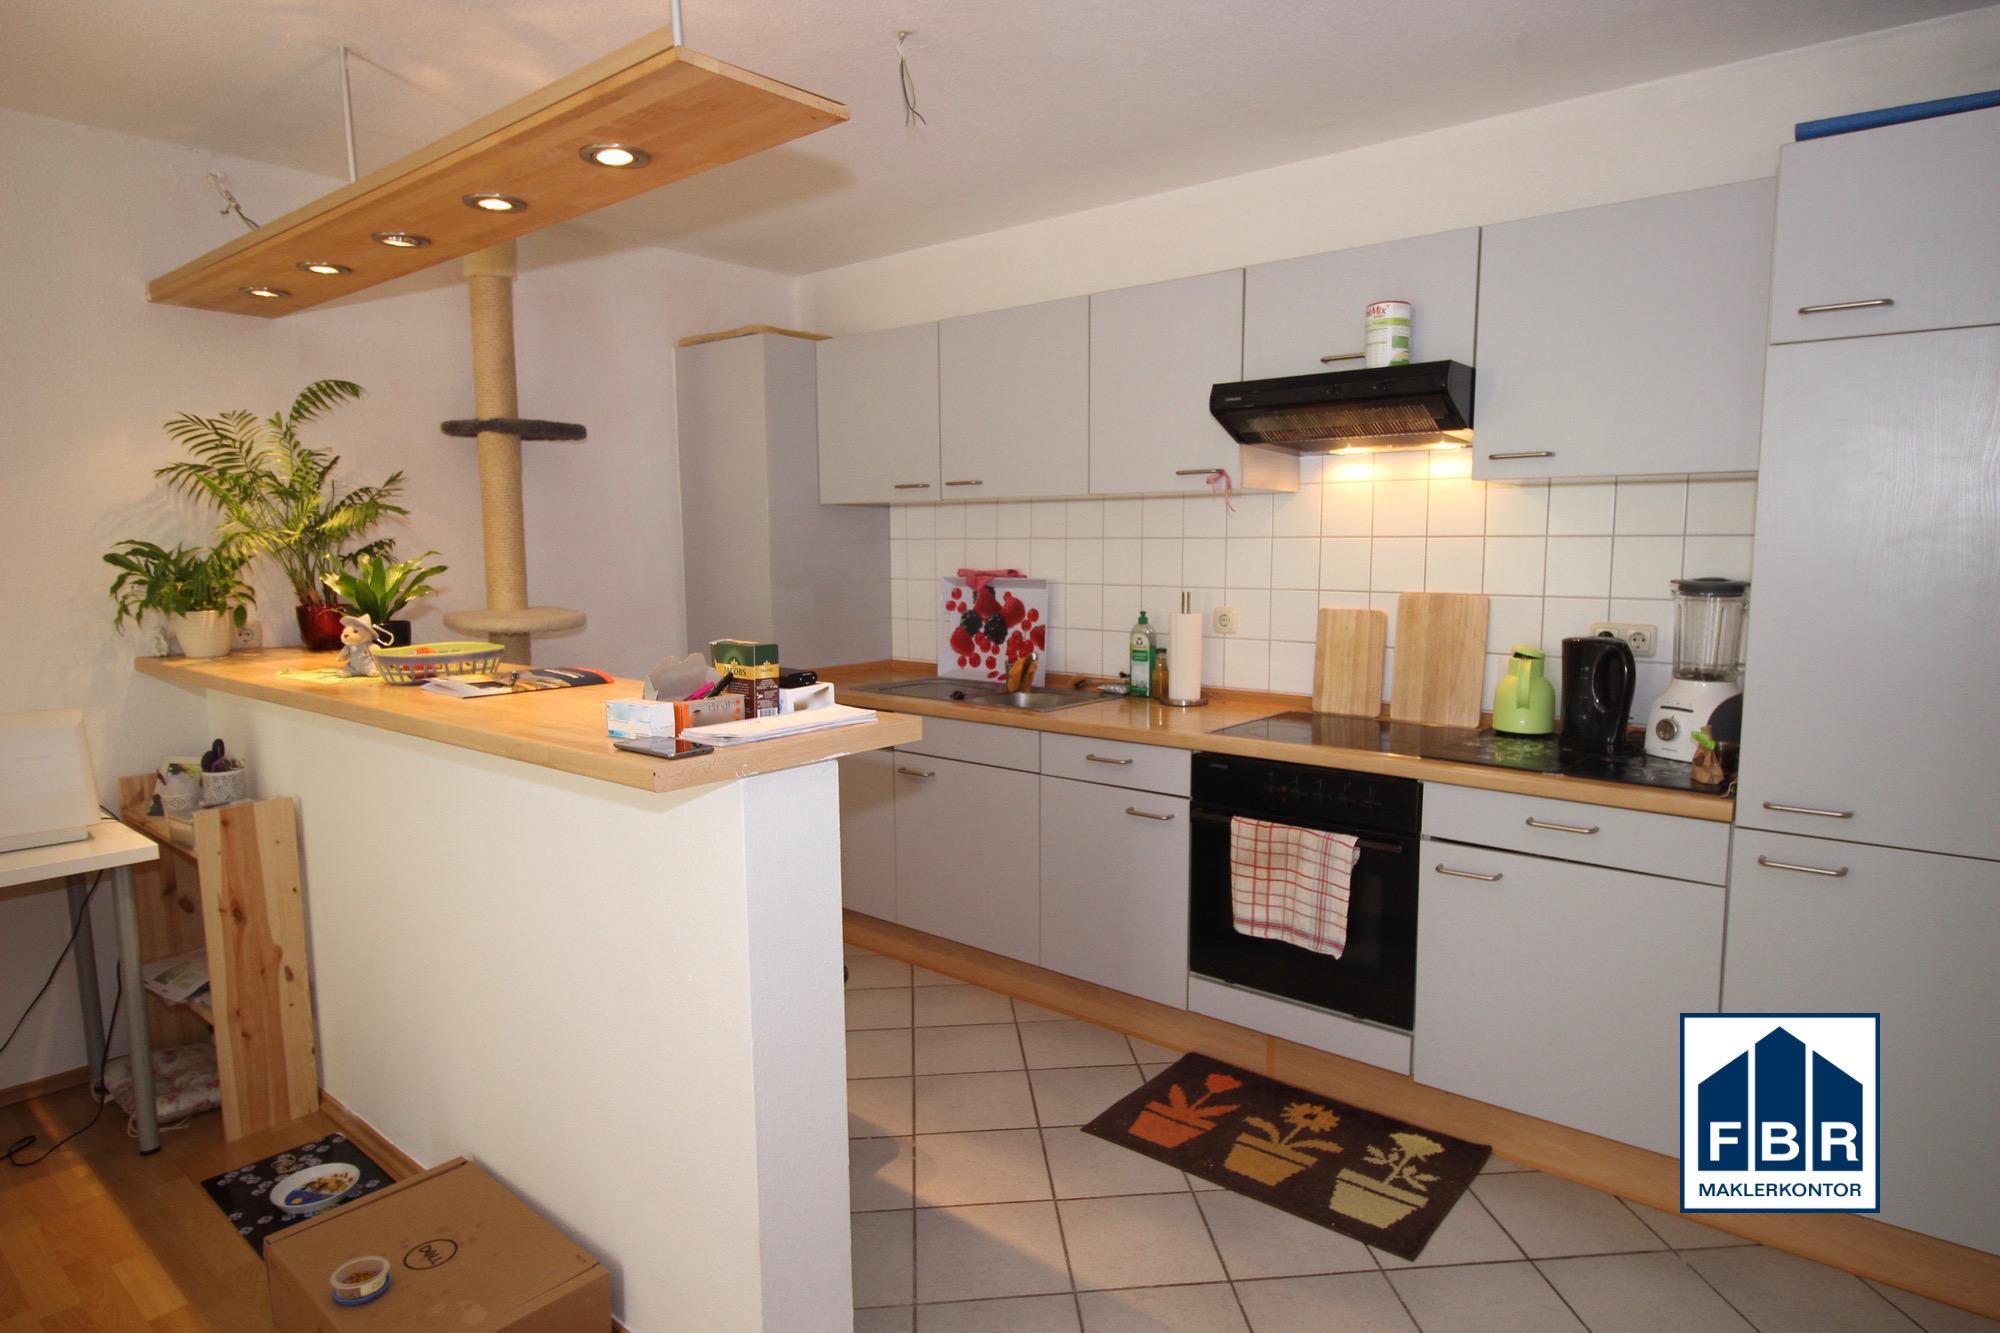 Einbauküche mit Bar